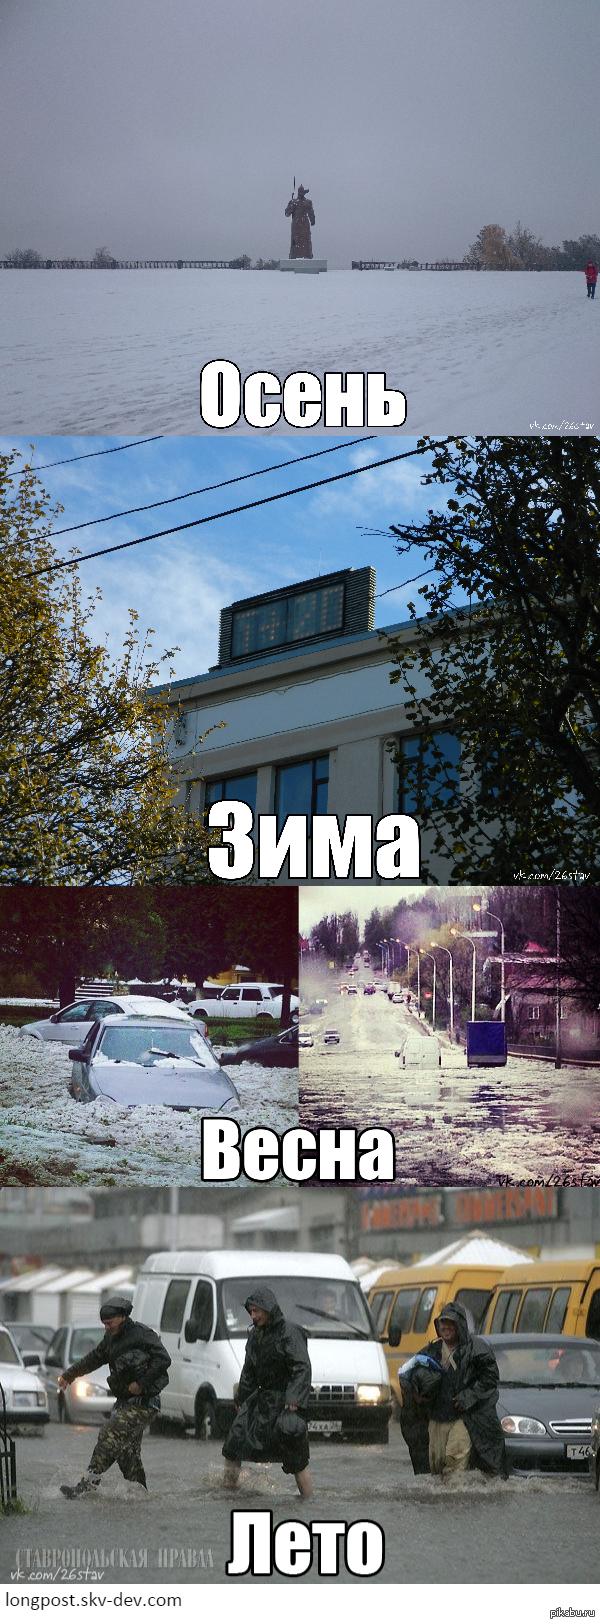 Времена года в Ставрополе P.S. Все фотографии соответствуют действительности, пруфы имеются